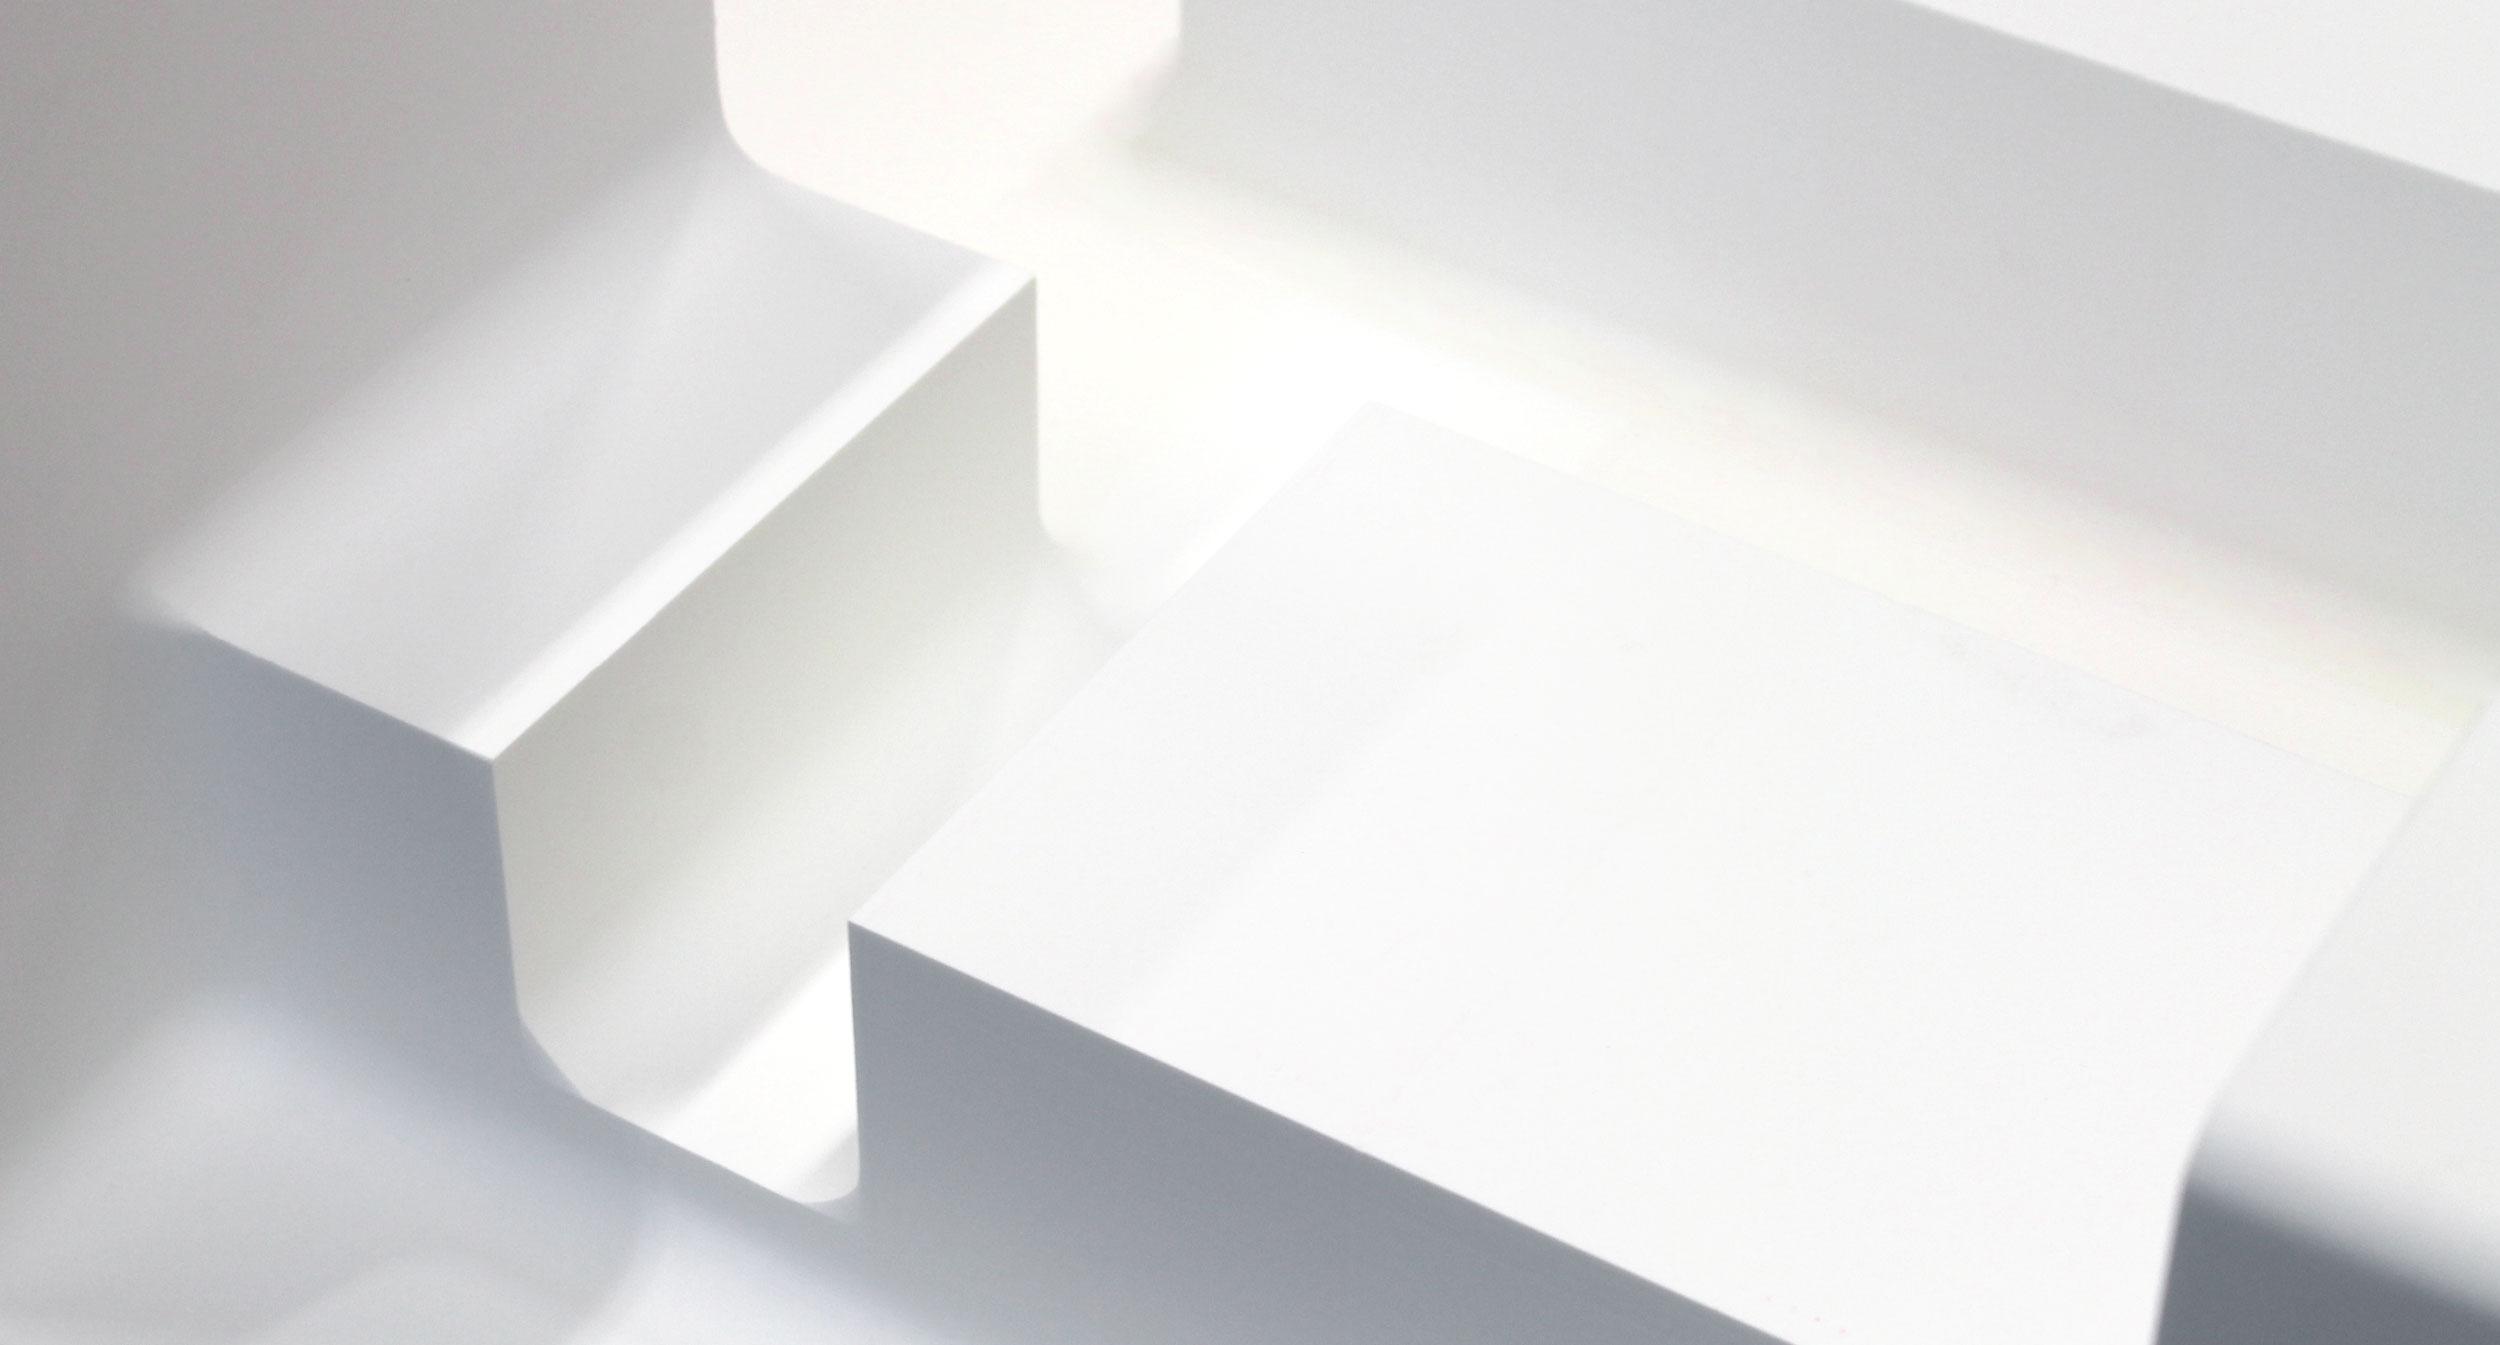 Syntactic foam blocks